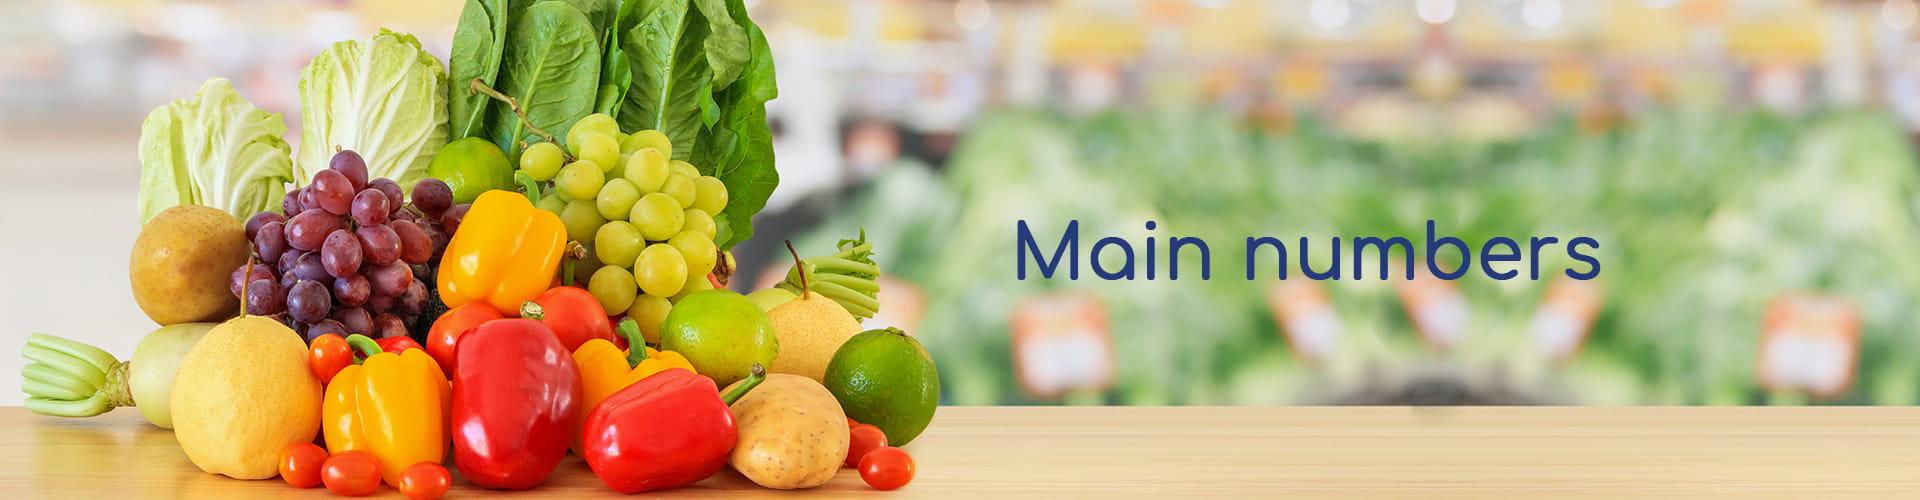 Main numbers Martimar